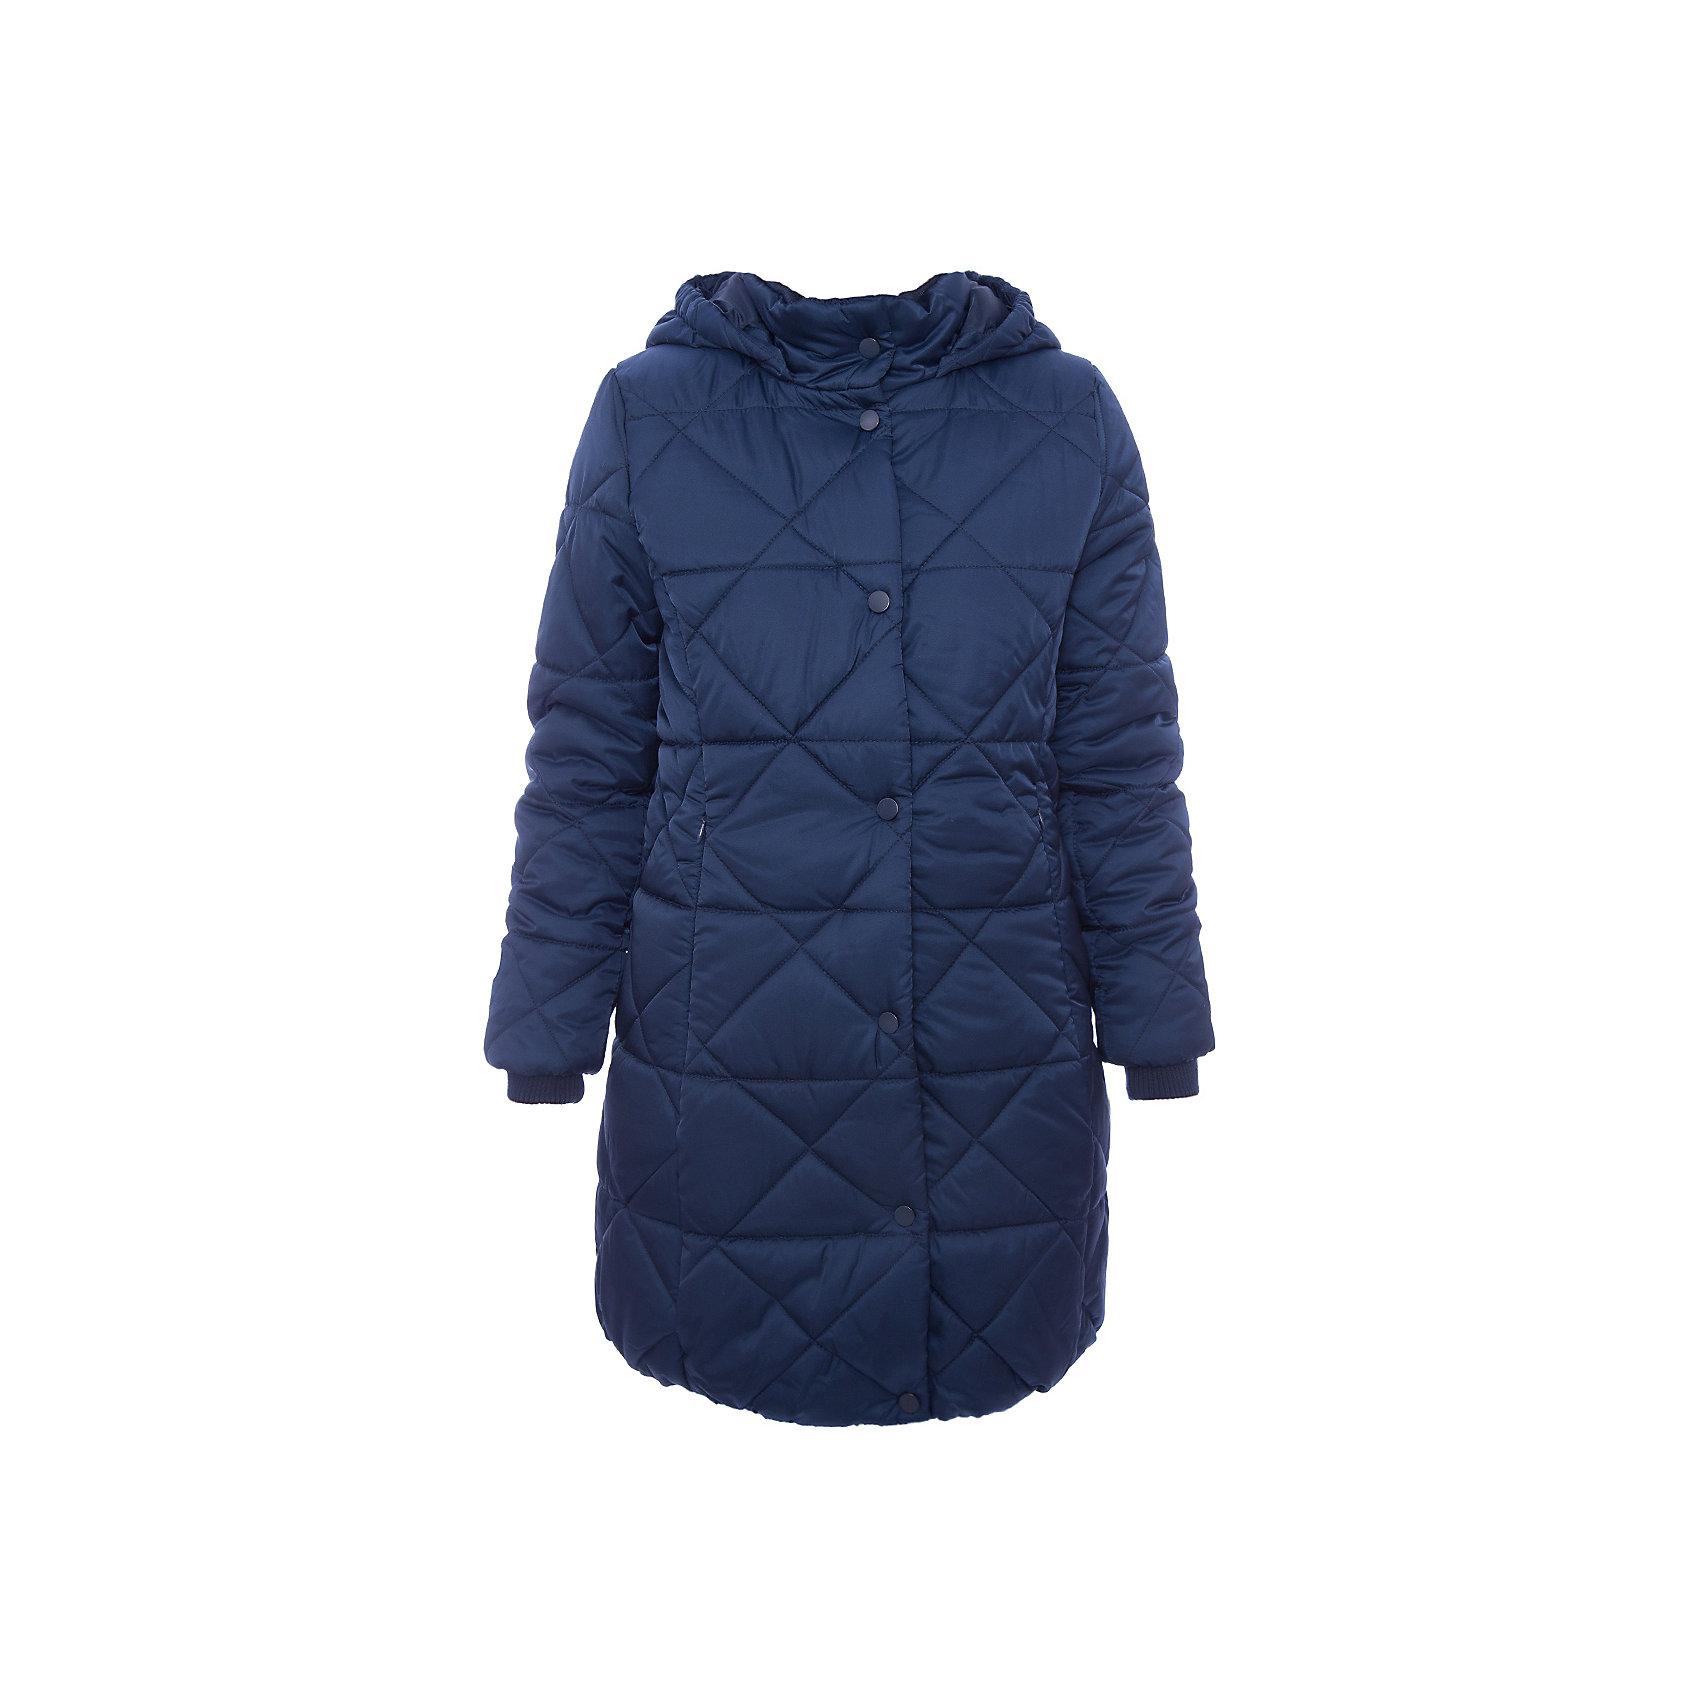 Пальто текстильное для девочки ScoolВерхняя одежда<br>Пальто текстильное для девочки Scool<br>Приталенное стеганое утепленное пальто прекрасно подойдет для холодной промозглой погоды. Специальный карман для фиксации бегунка на застёжке не позволит молнии травмировать нежную детскую кожу. Модель с вшивным капюшоном. Воротник и рукава дополнены трикотажными резинками для дополнительного сохранения тепла.Преимущества: Пальто с удобными вшивными карманами на молнииКапюшон пальто дополнен резинками. Даже при сильном ветре капюшон не спадет с головы ребенка<br>Состав:<br>Верх: 100% полиэстер, Подкладка: 100% полиэстер, Наполнитель: 100% полиэстер, 250 г/м2<br><br>Ширина мм: 356<br>Глубина мм: 10<br>Высота мм: 245<br>Вес г: 519<br>Цвет: синий<br>Возраст от месяцев: 72<br>Возраст до месяцев: 84<br>Пол: Женский<br>Возраст: Детский<br>Размер: 122,164,128,134,140,146,152,158<br>SKU: 6754635